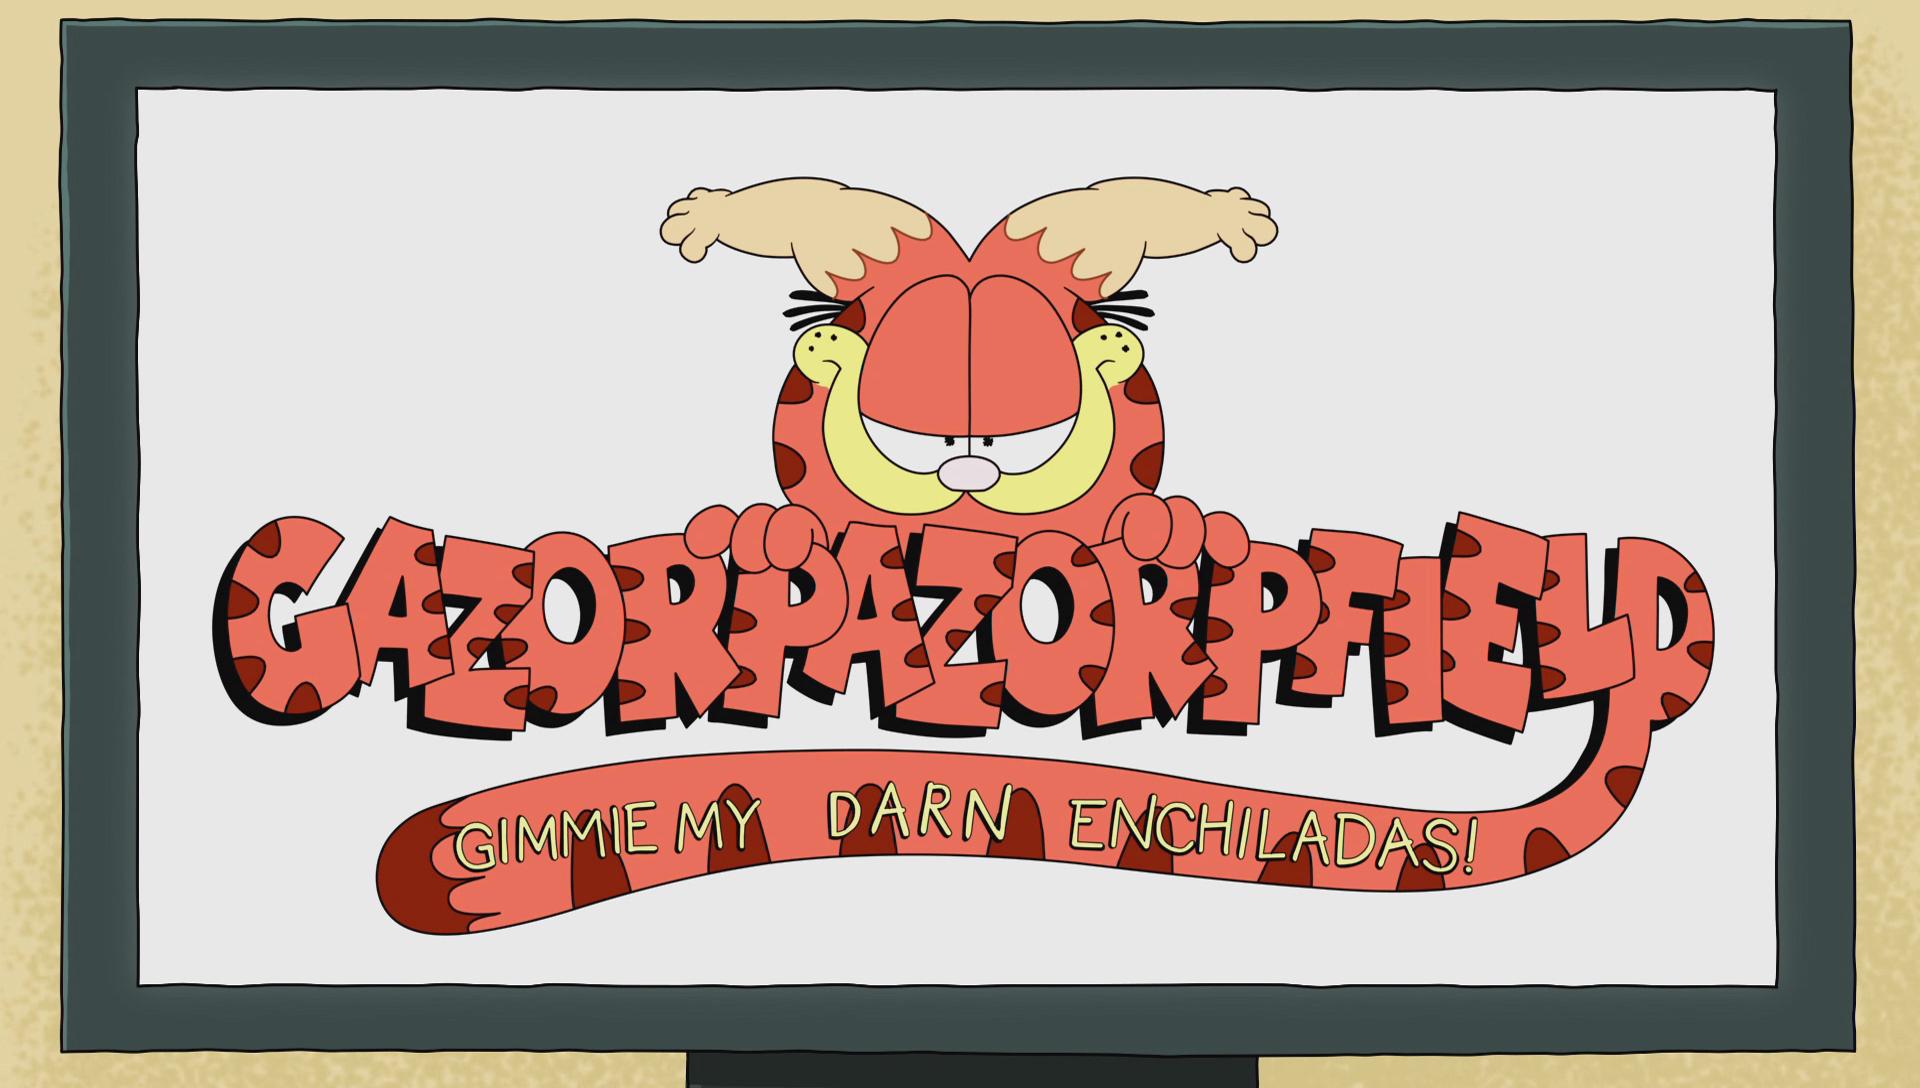 Gazorpazorpfield   Rick and Morty Wiki   Fandom powered by ...